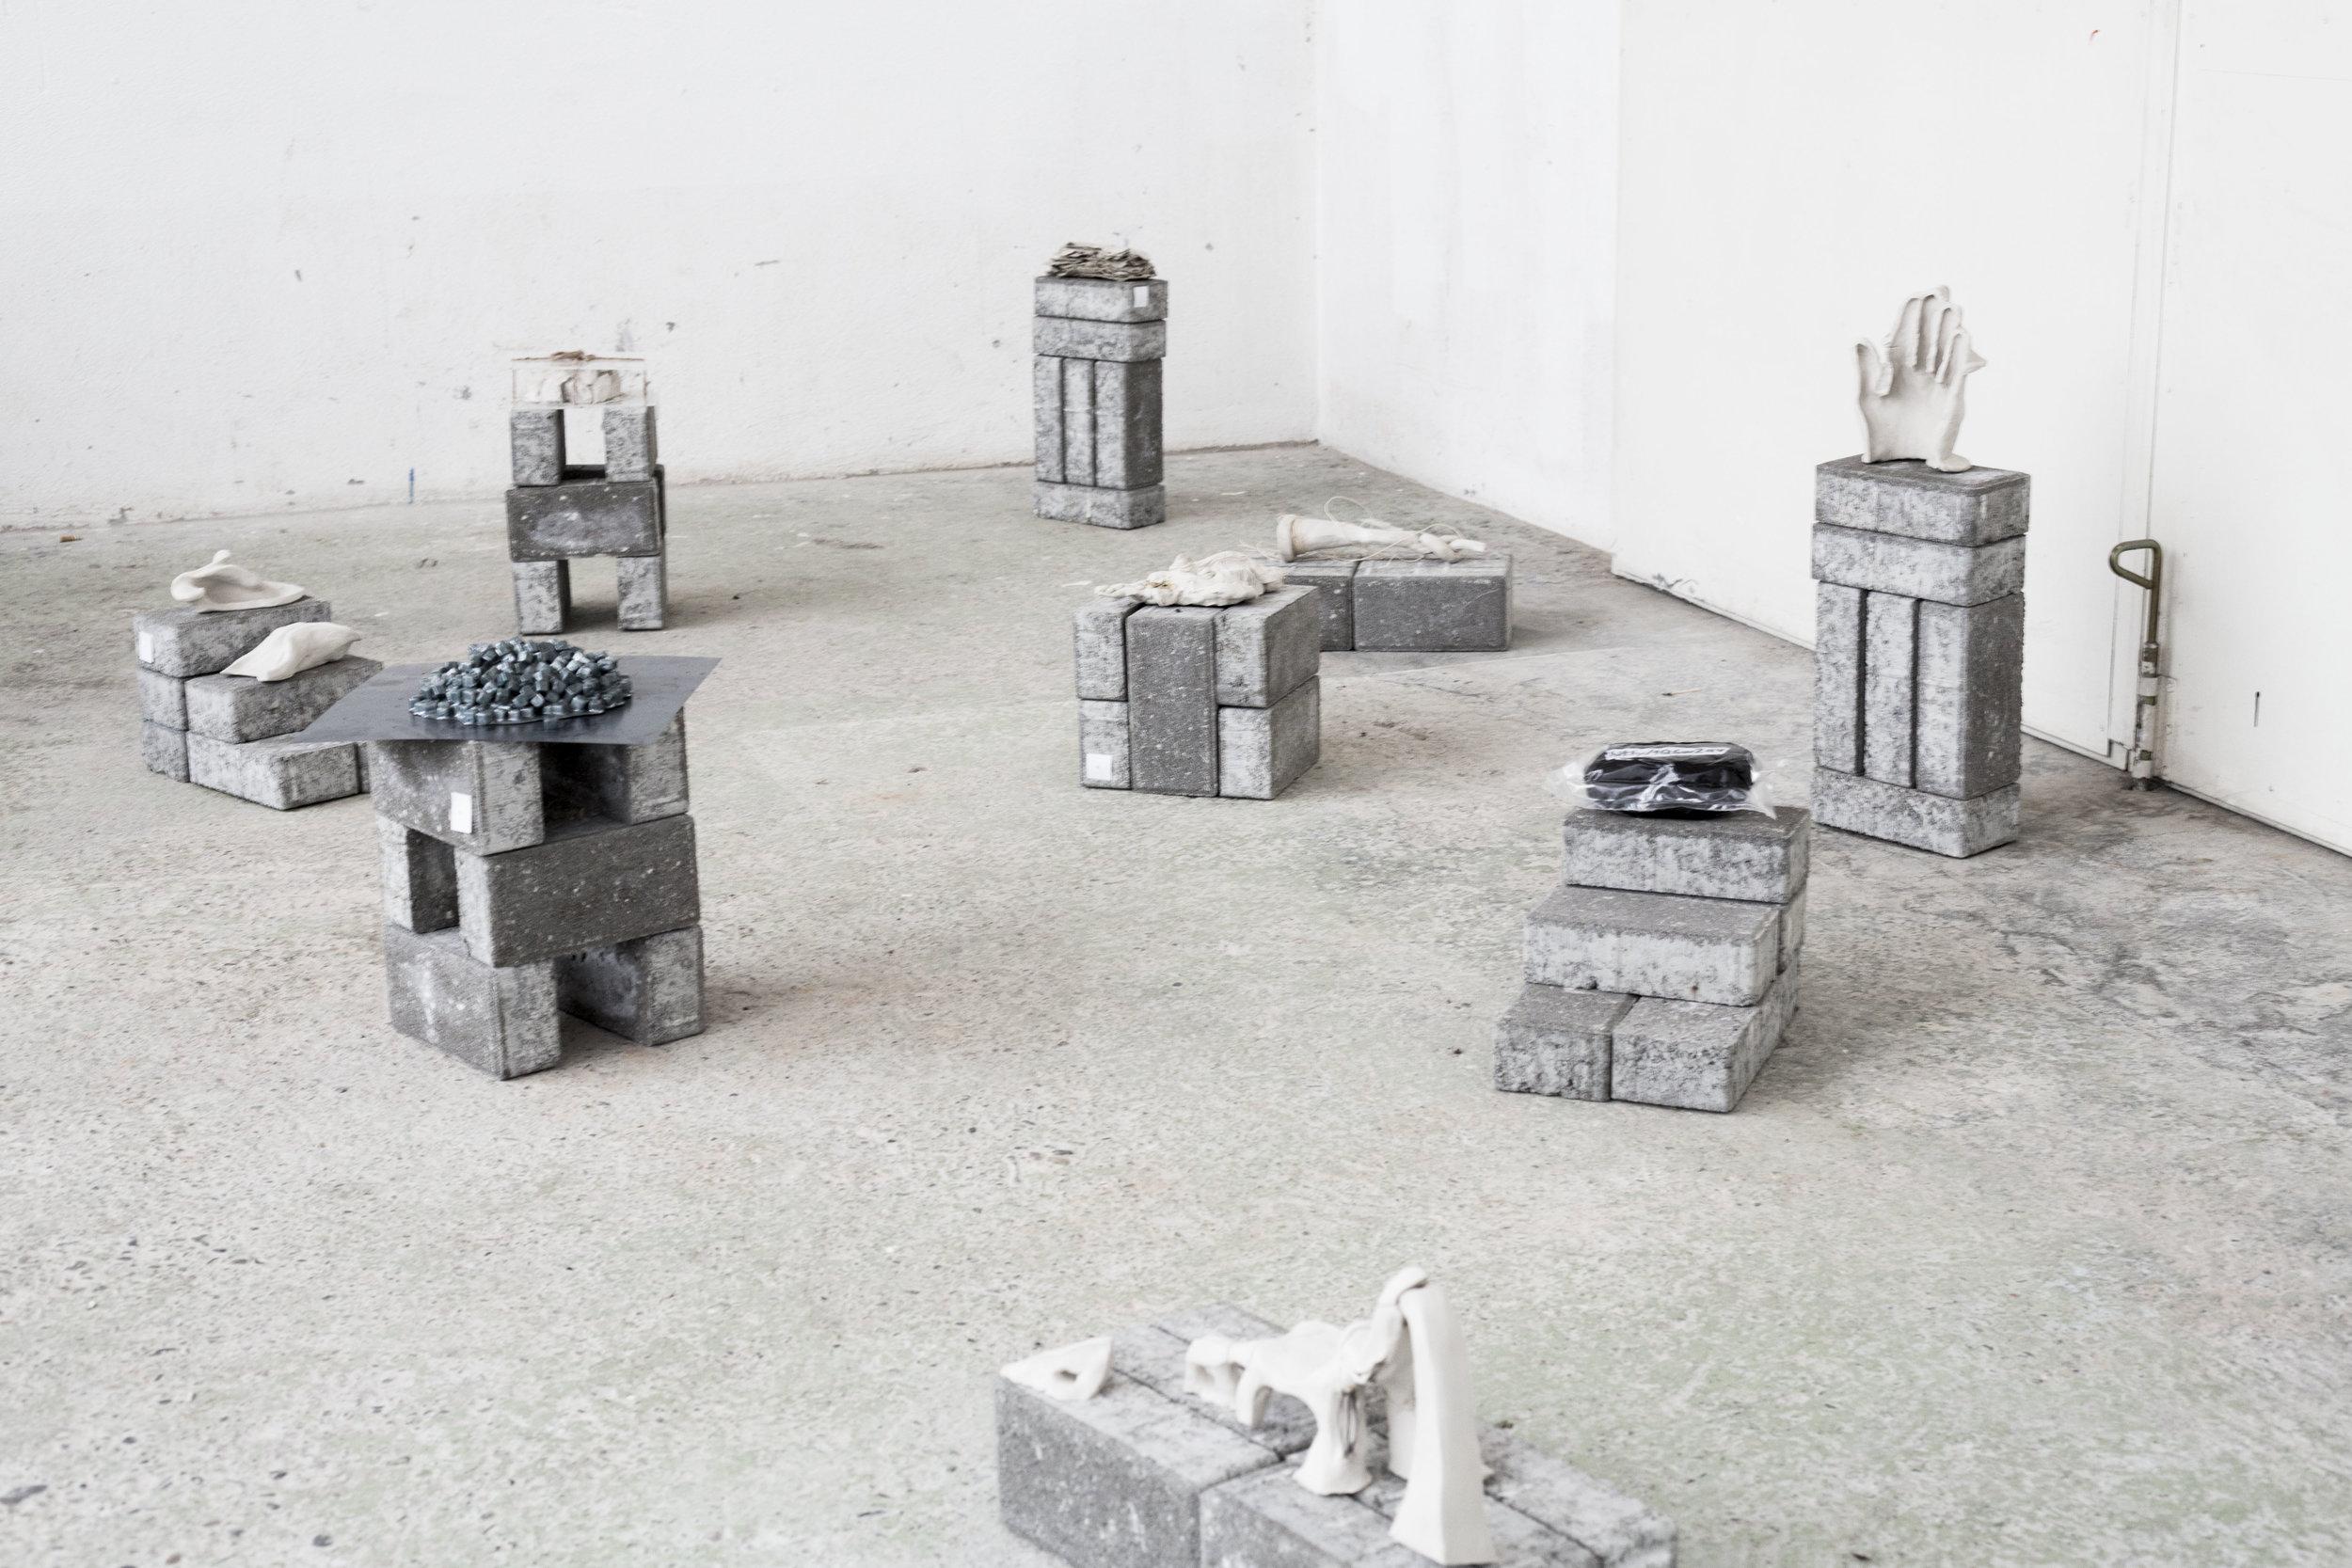 EXHIBITION - NO SERIE curated by HANGAR 9, Geneva, 2015